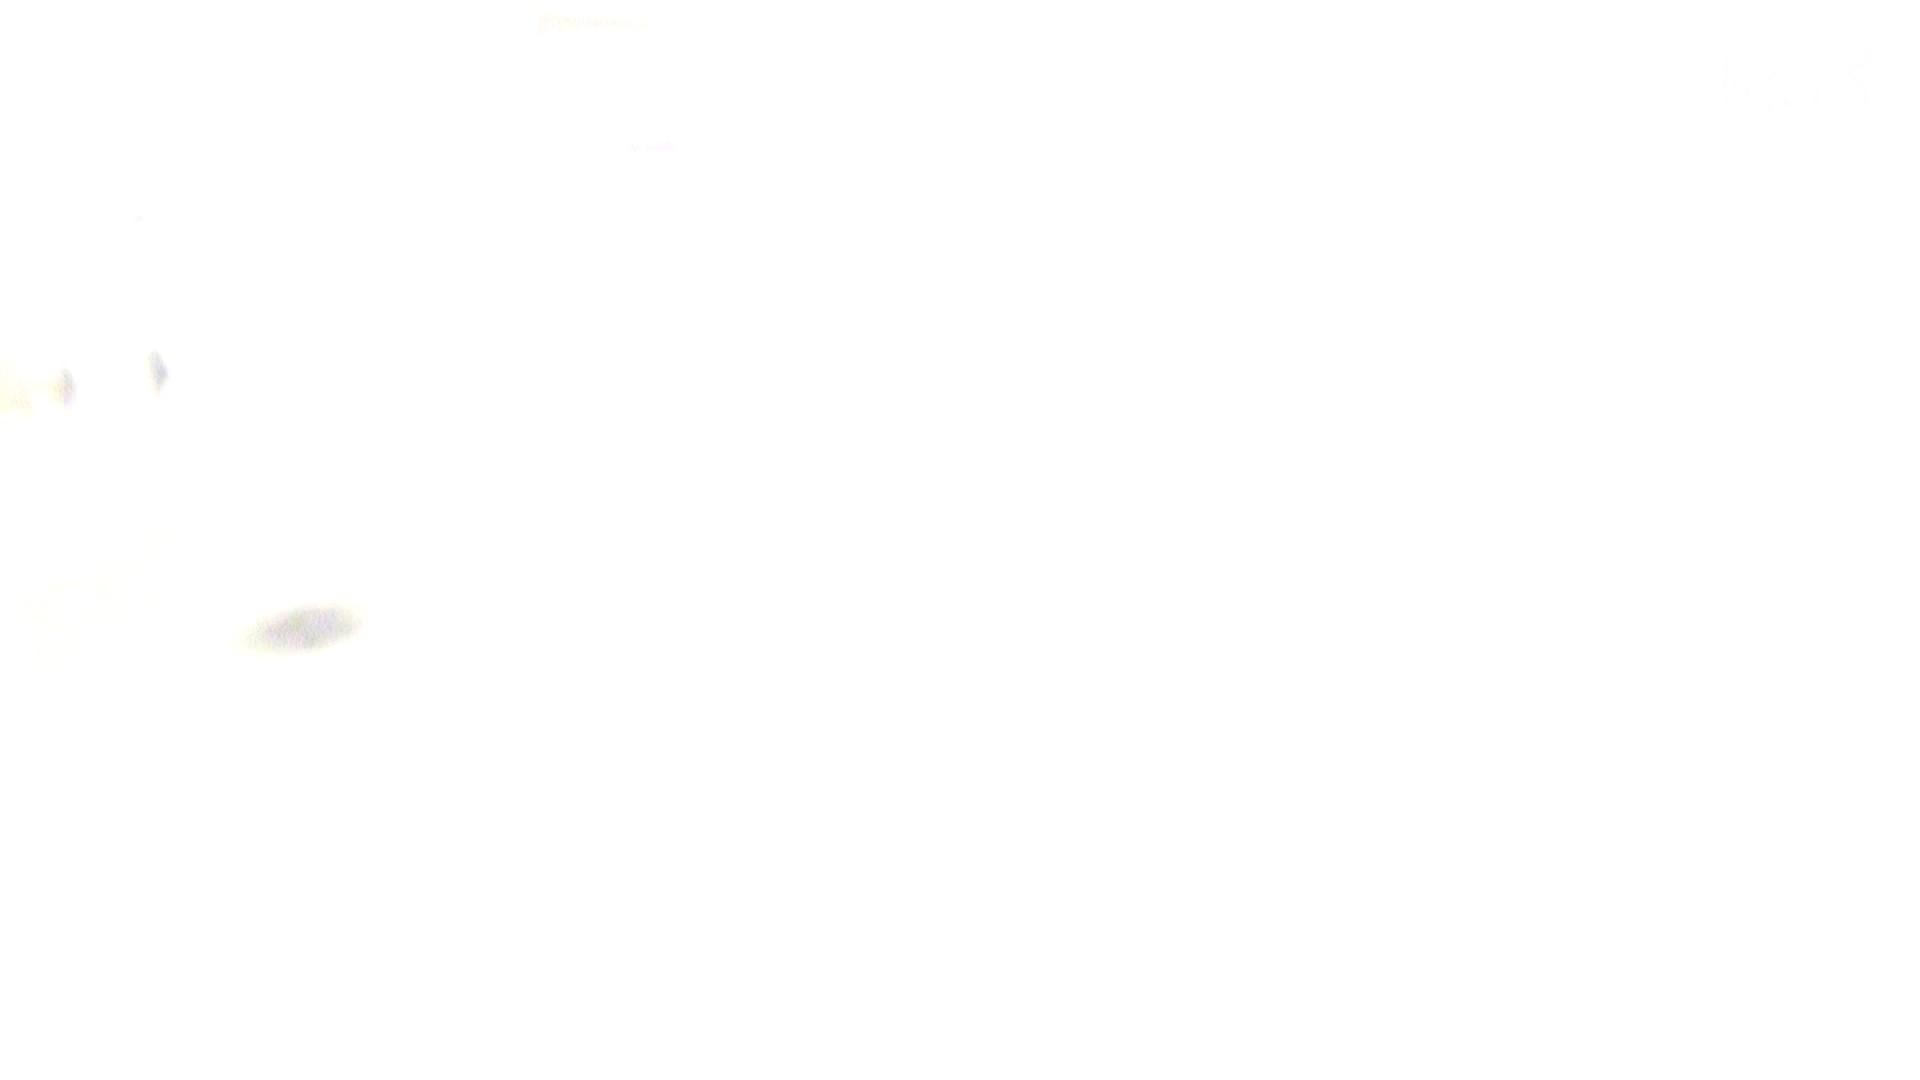 至高下半身盗撮-PREMIUM-【院内病棟編 】 vol.03 独占盗撮 | ナース編  98連発 49